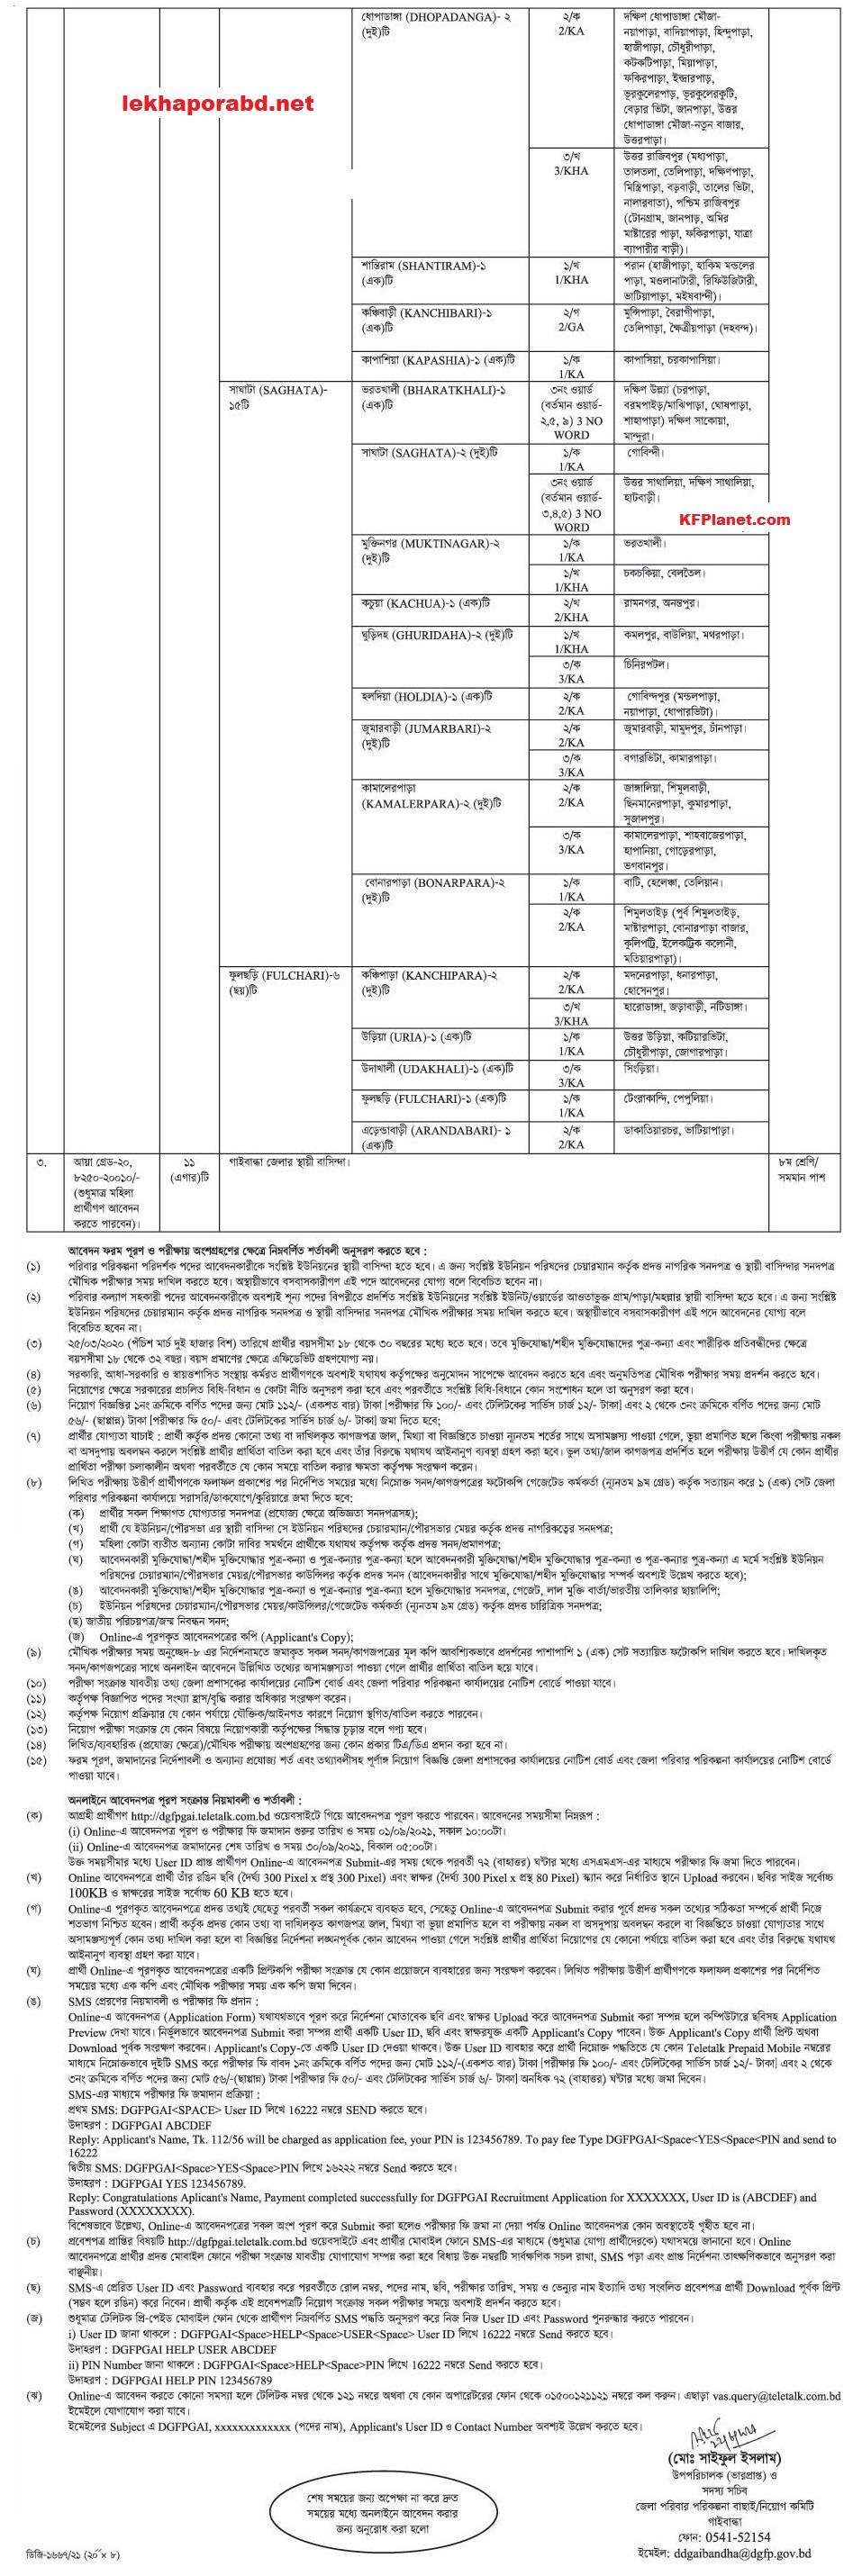 গাইবান্ধা জেলা পরিবার পরিকল্পনা নিয়োগ বিজ্ঞপ্তি ২০২১ - Gaibandha District poribar porikolpona job circular 2021 - স্বাস্থ্য ও পরিবার পরিকল্পনা অধিদপ্তরে নিয়োগ বিজ্ঞপ্তি ২০২১